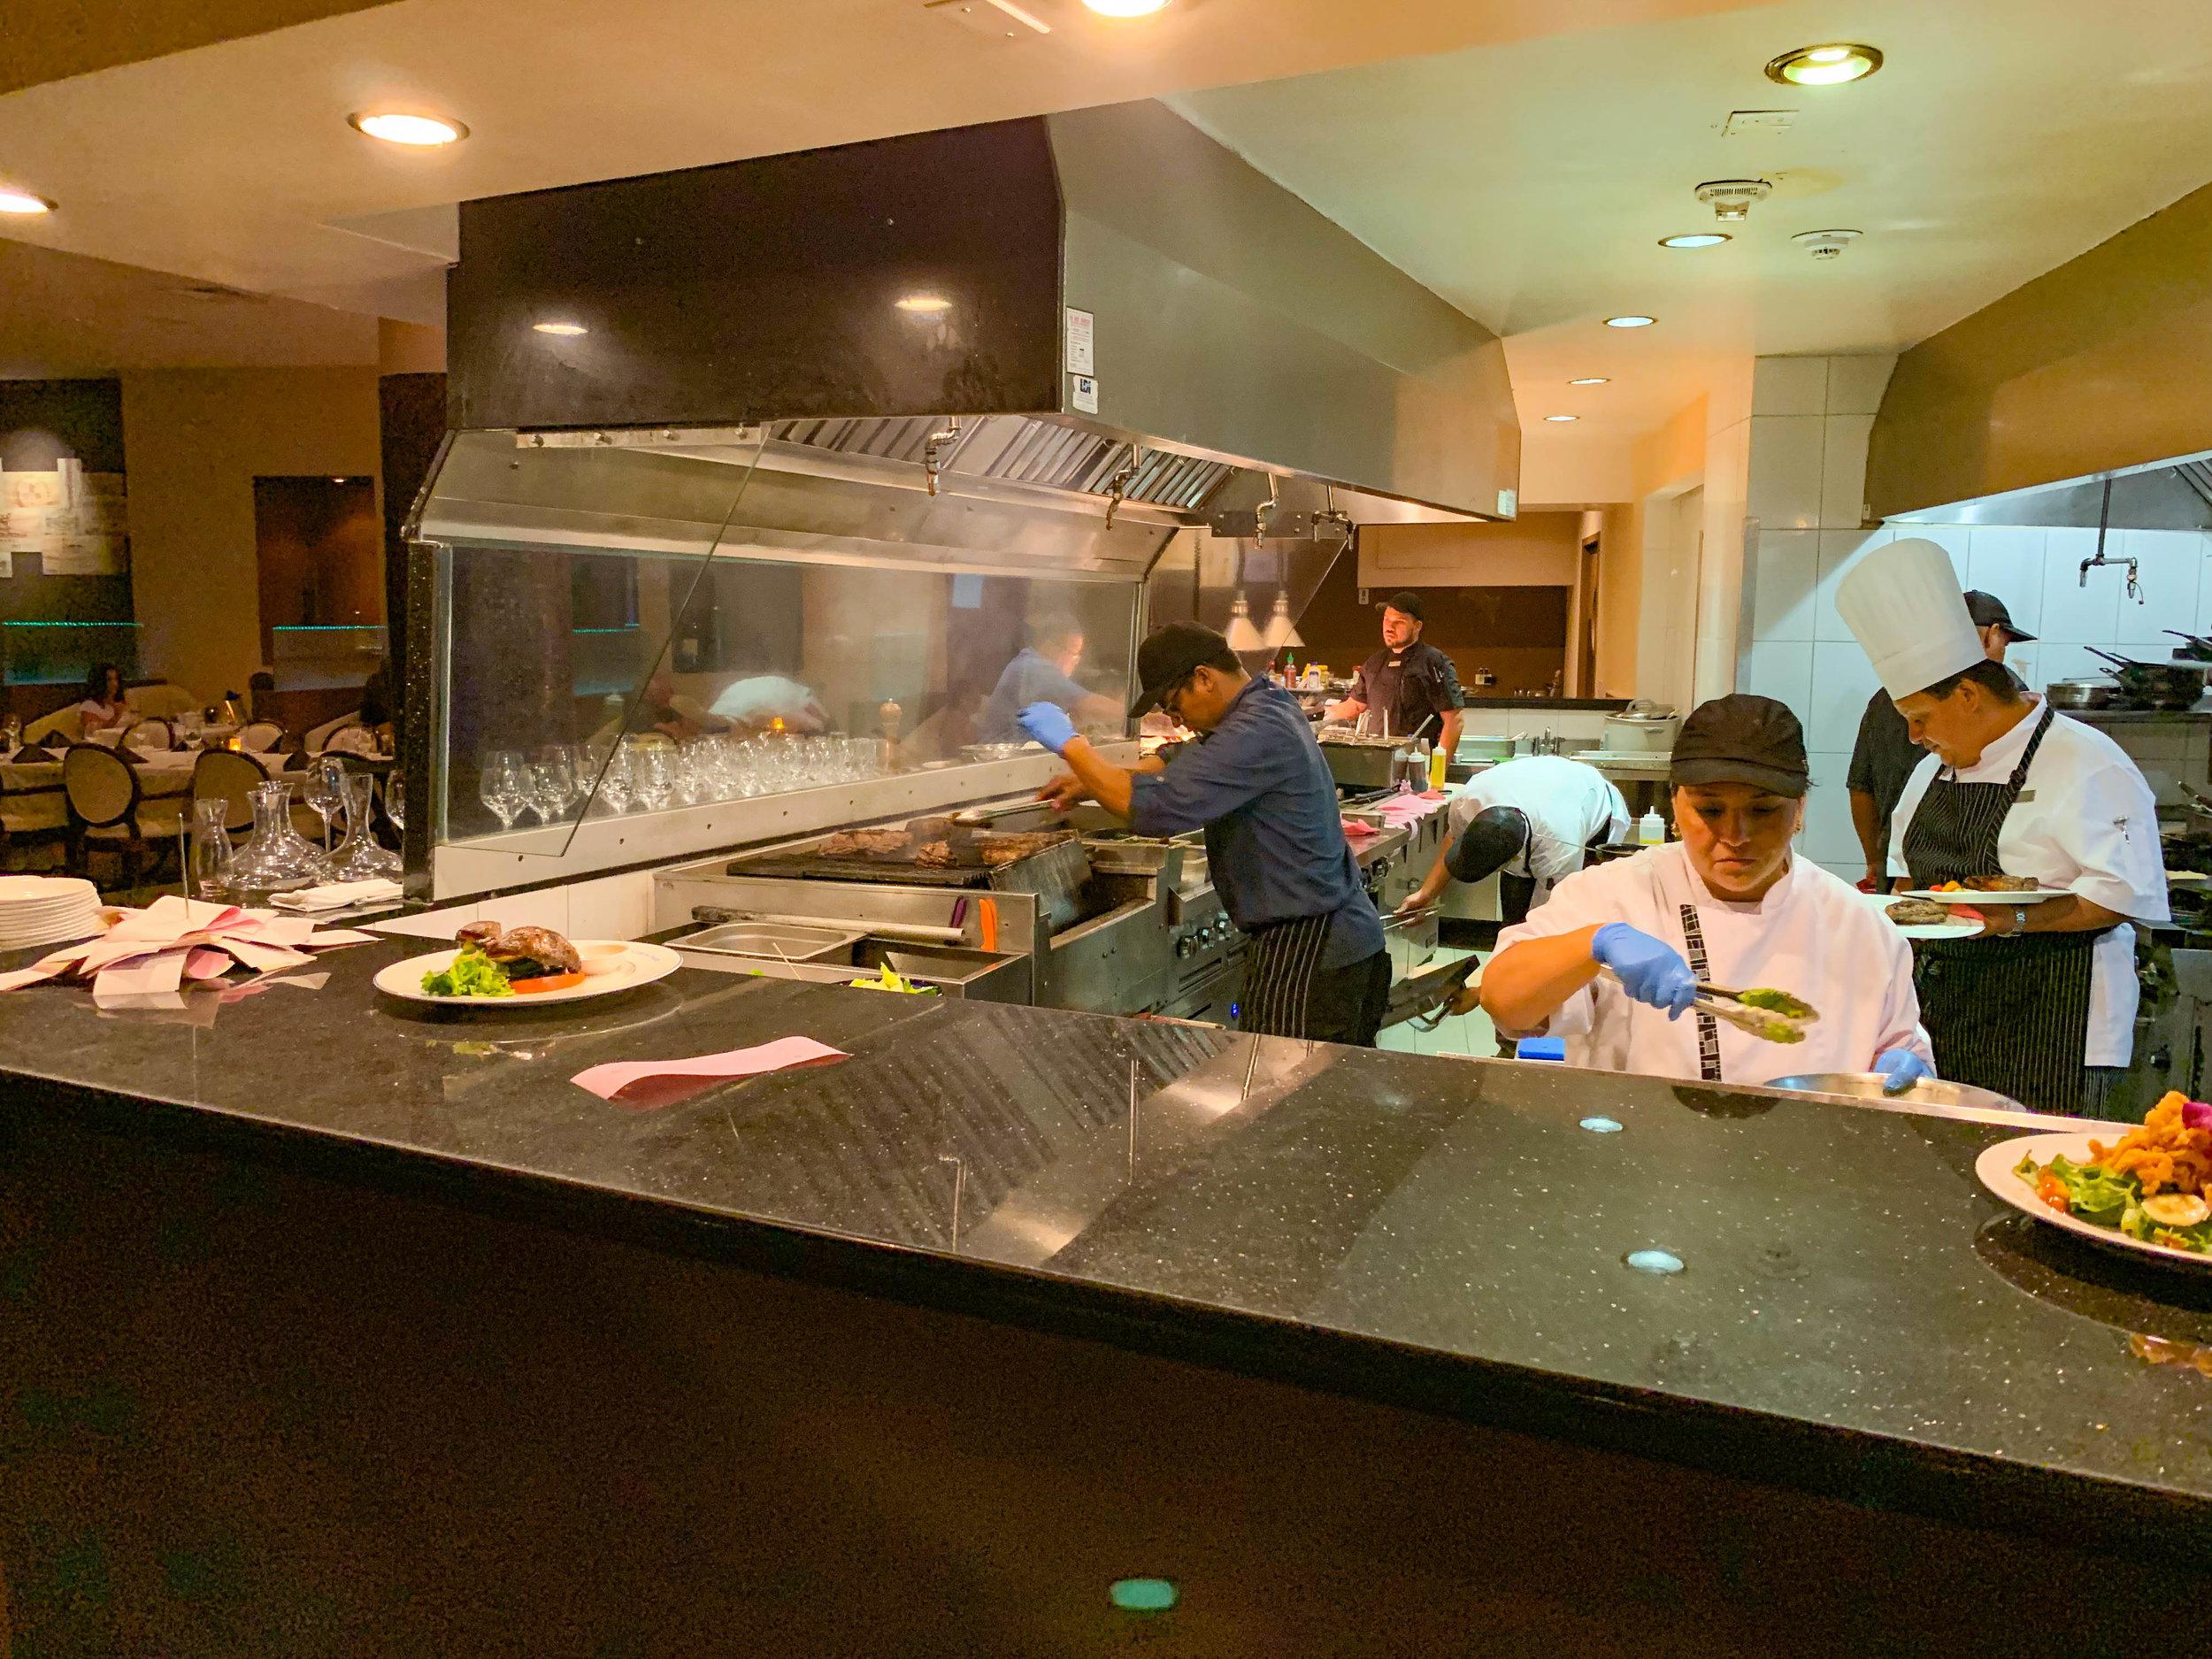 Sunset Grille Hilton Aruba - Kitchen